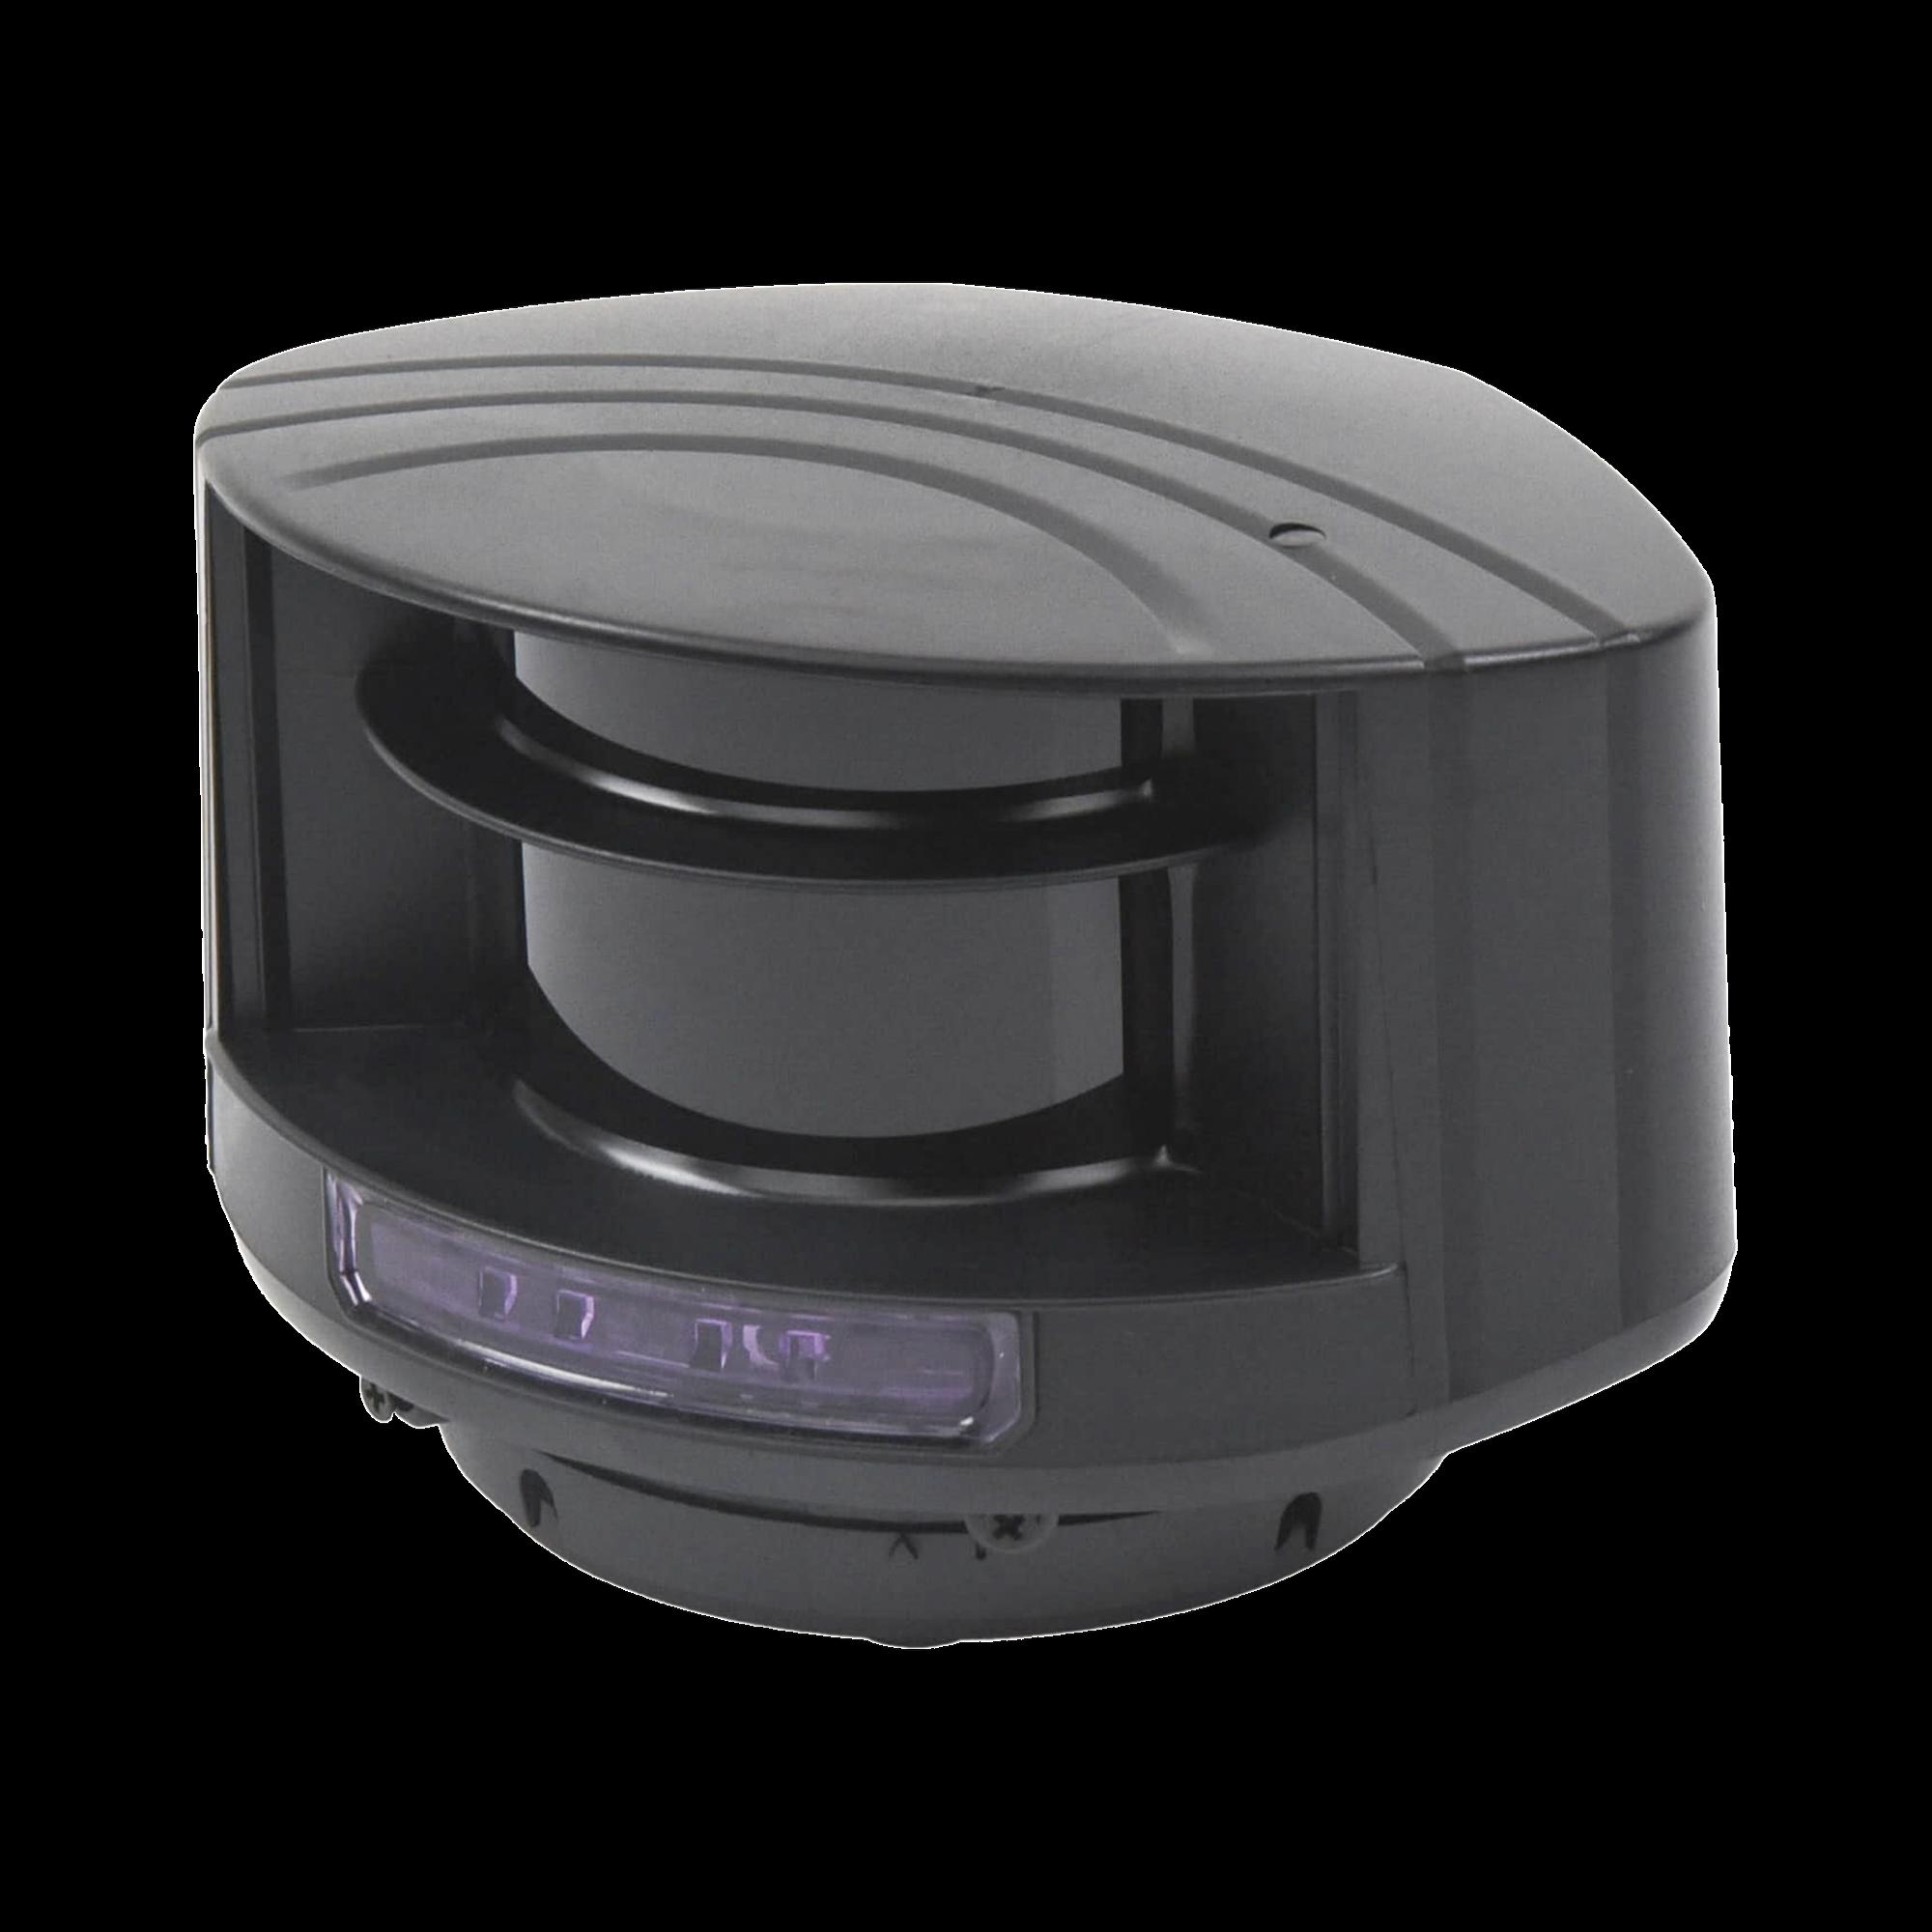 Sensor láser de seguridad para portones / barreras / puertas rápidas / Alternativa segura al uso de fotoceldas / Protege áreas de 10 x 10 m / Campo de protección ajustable